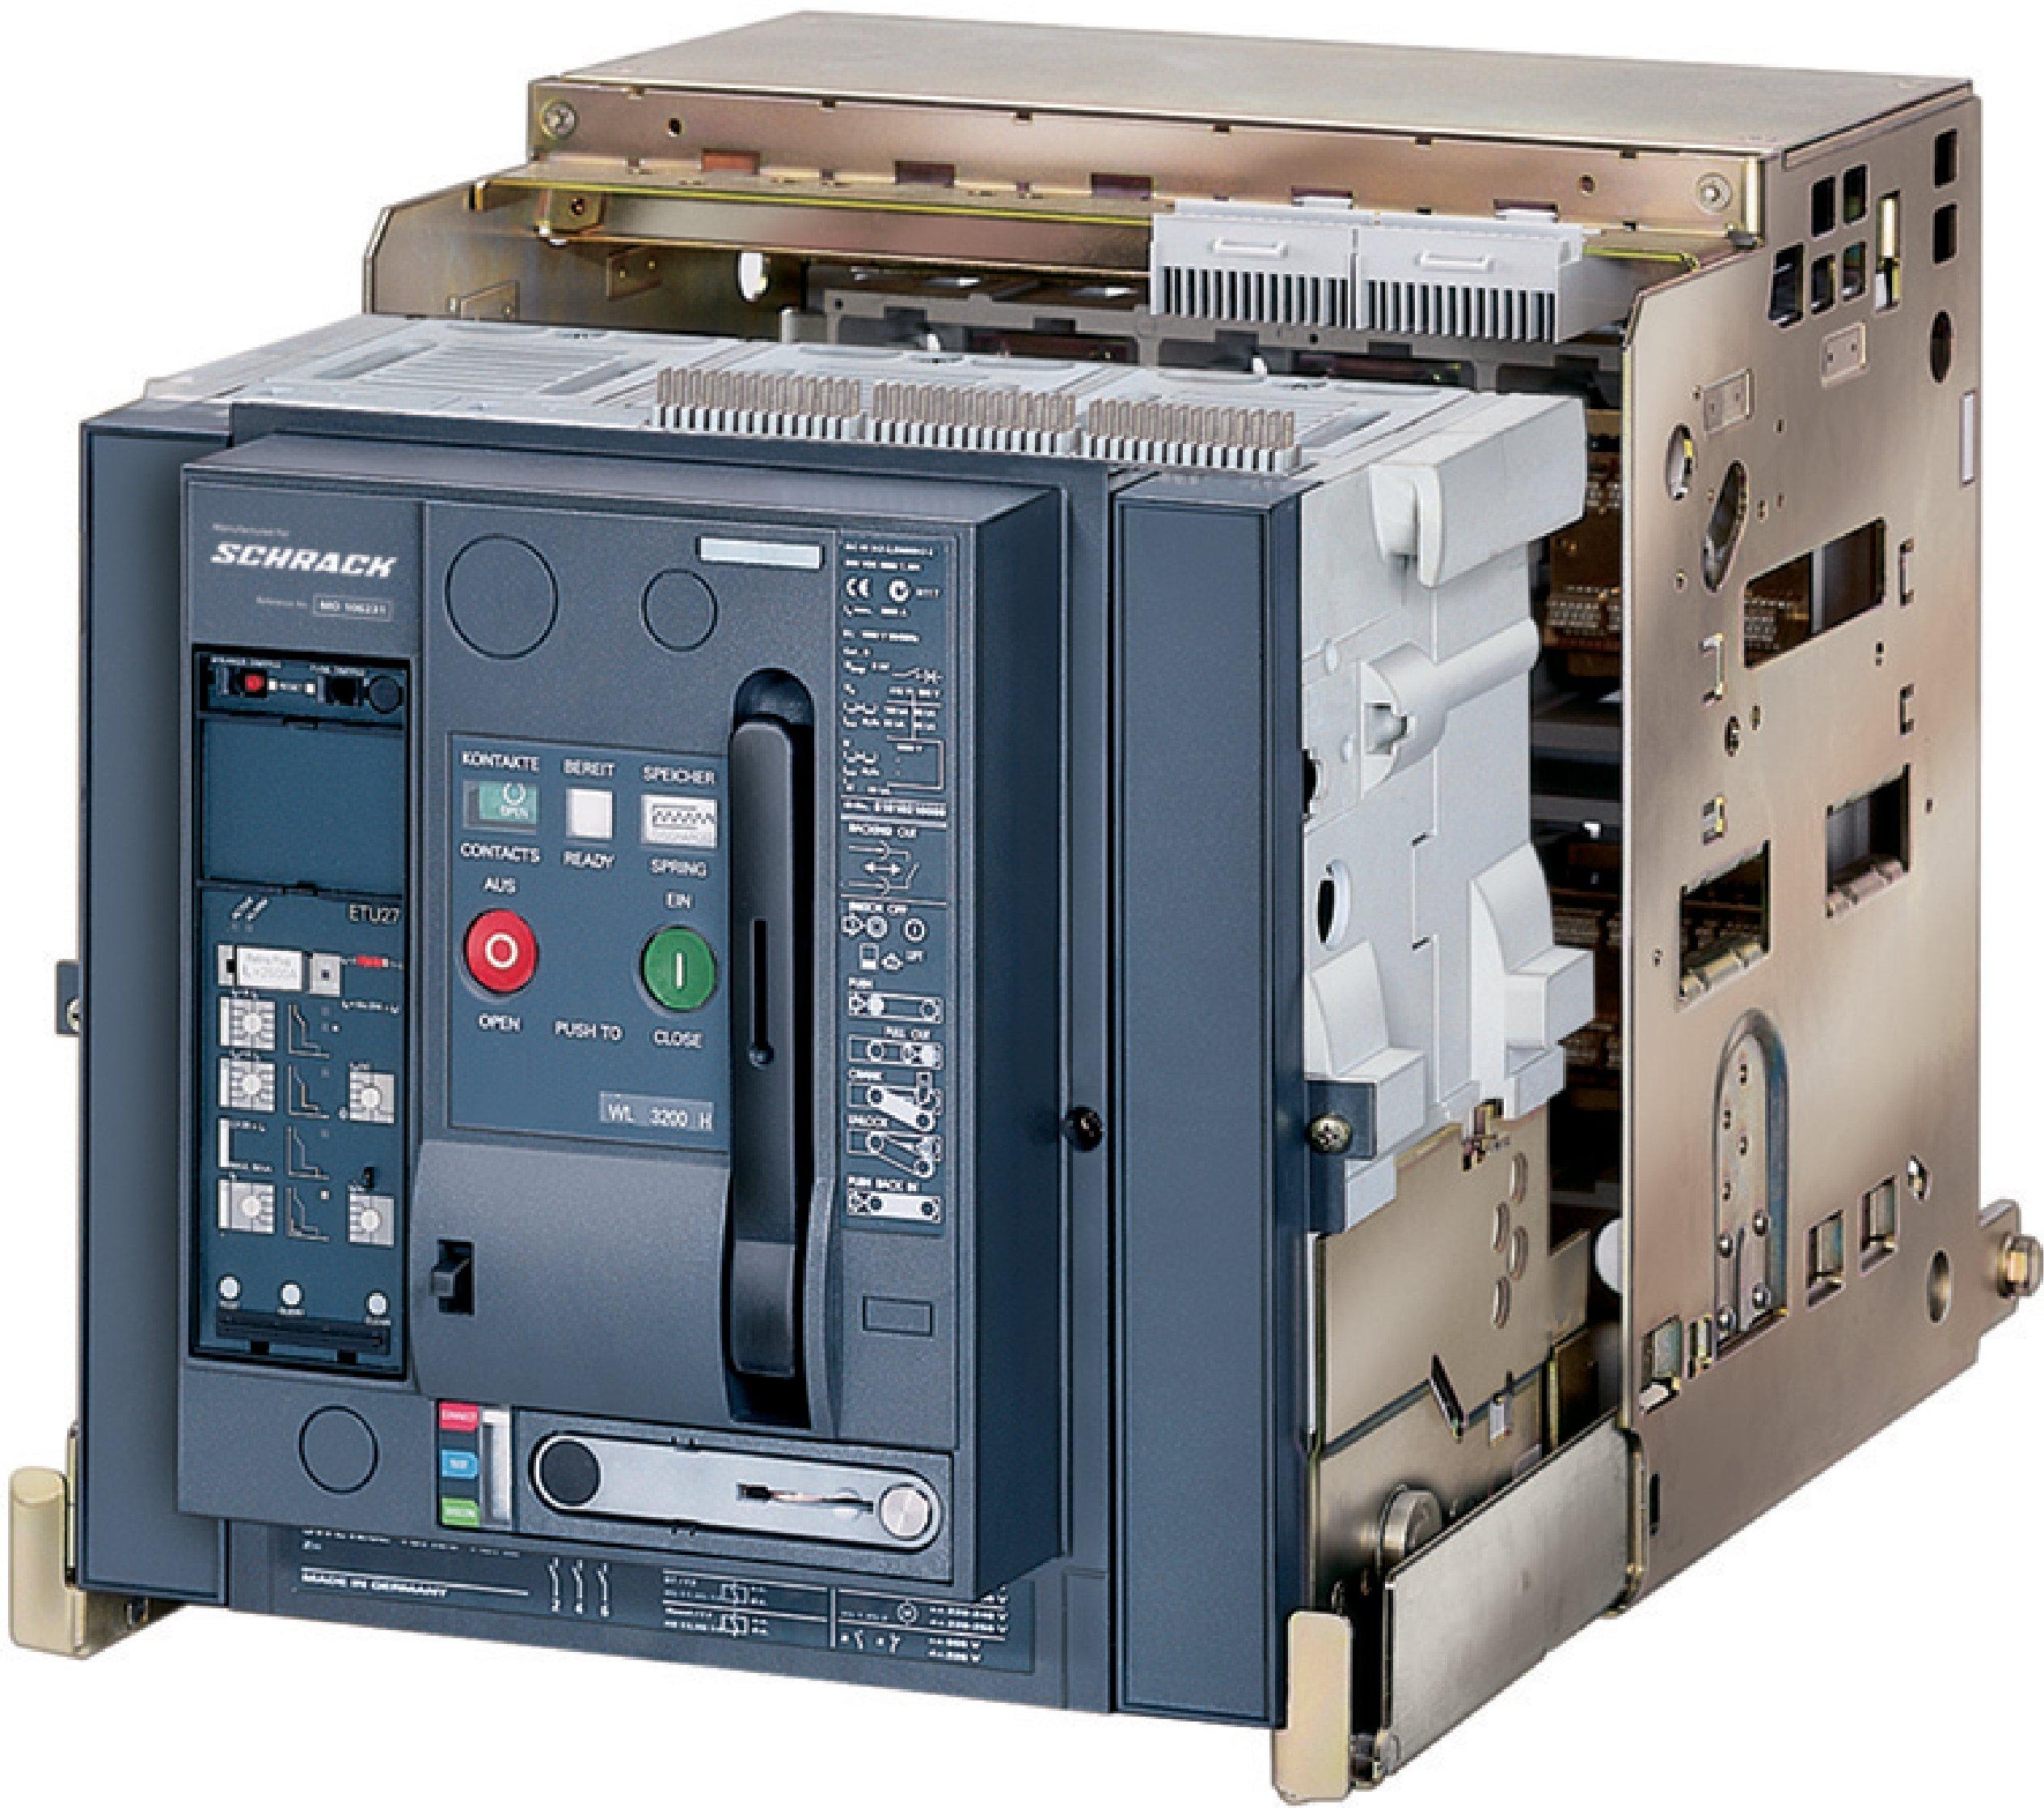 1 Stk Leistungsschalter, MO2, 3-polig, 1600A, 80kA, ausfahrbar, RH MO216336--